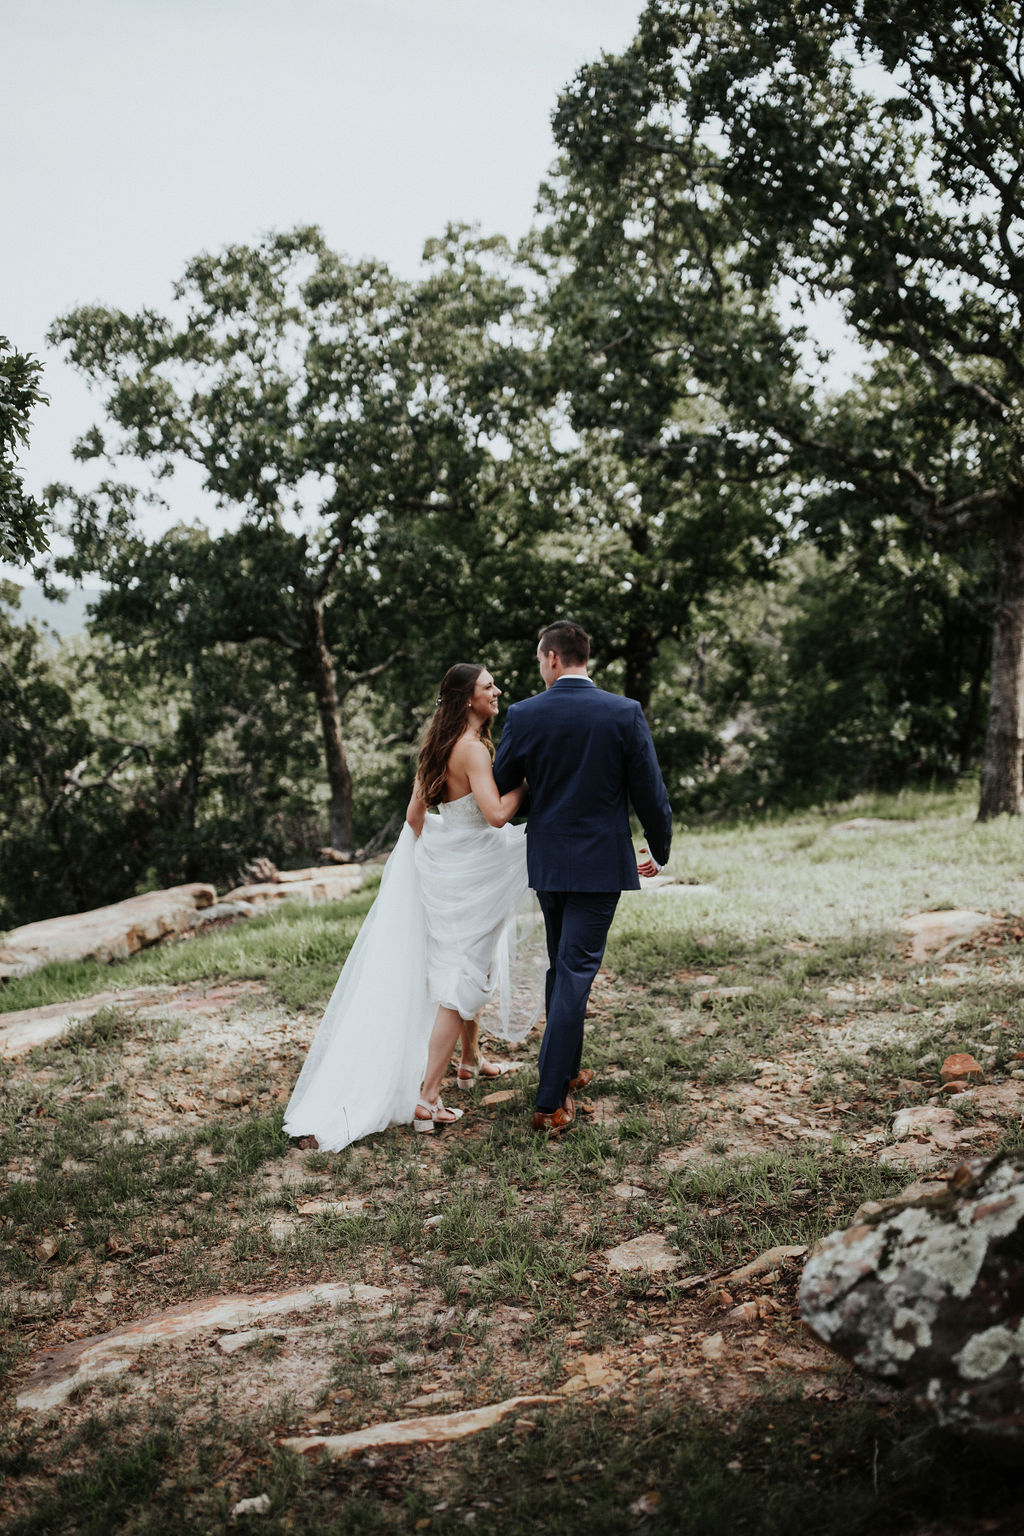 Tulsa Outdoor Wedding Venues 28.jpg